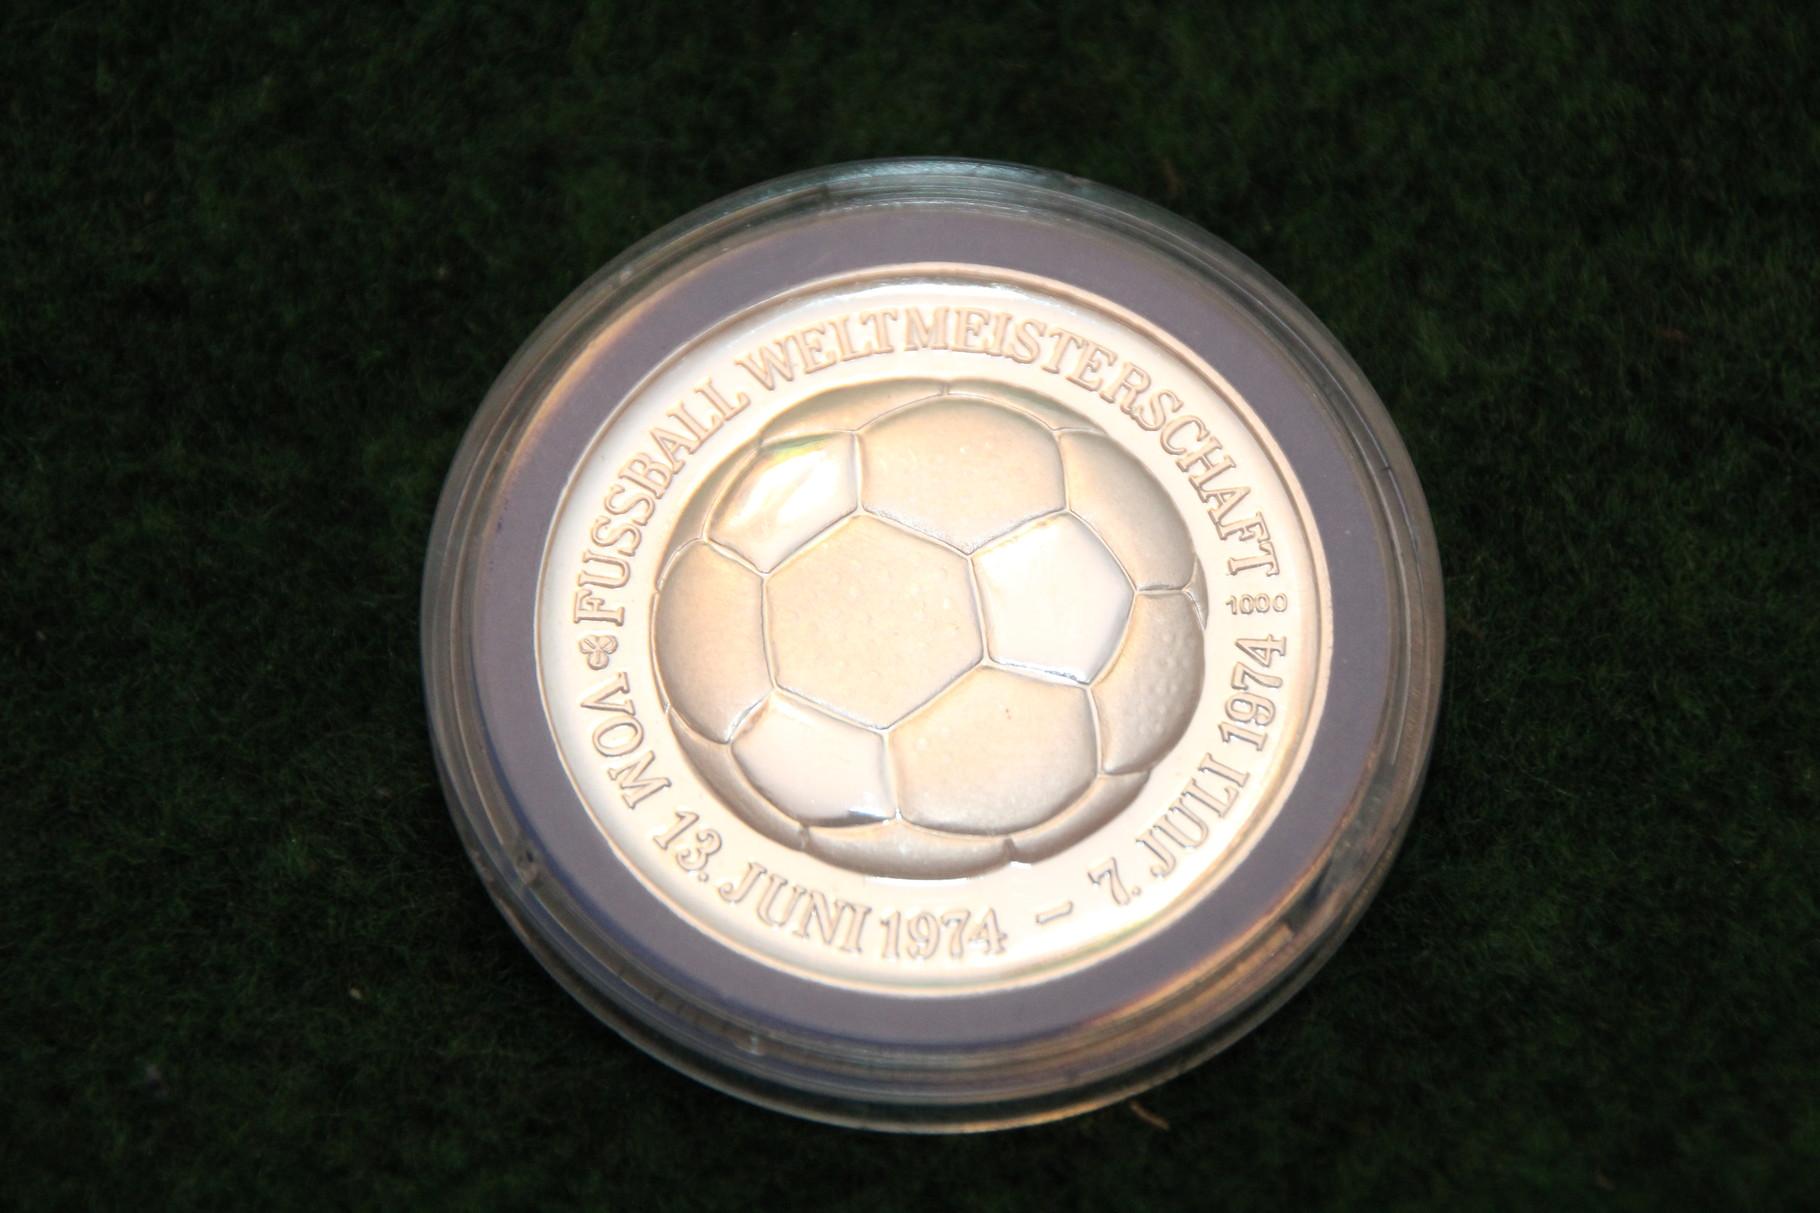 Medaille von der Fussball WM 1974 in Deutschland mit dem Niedersachsenstadion Hannover.1/2